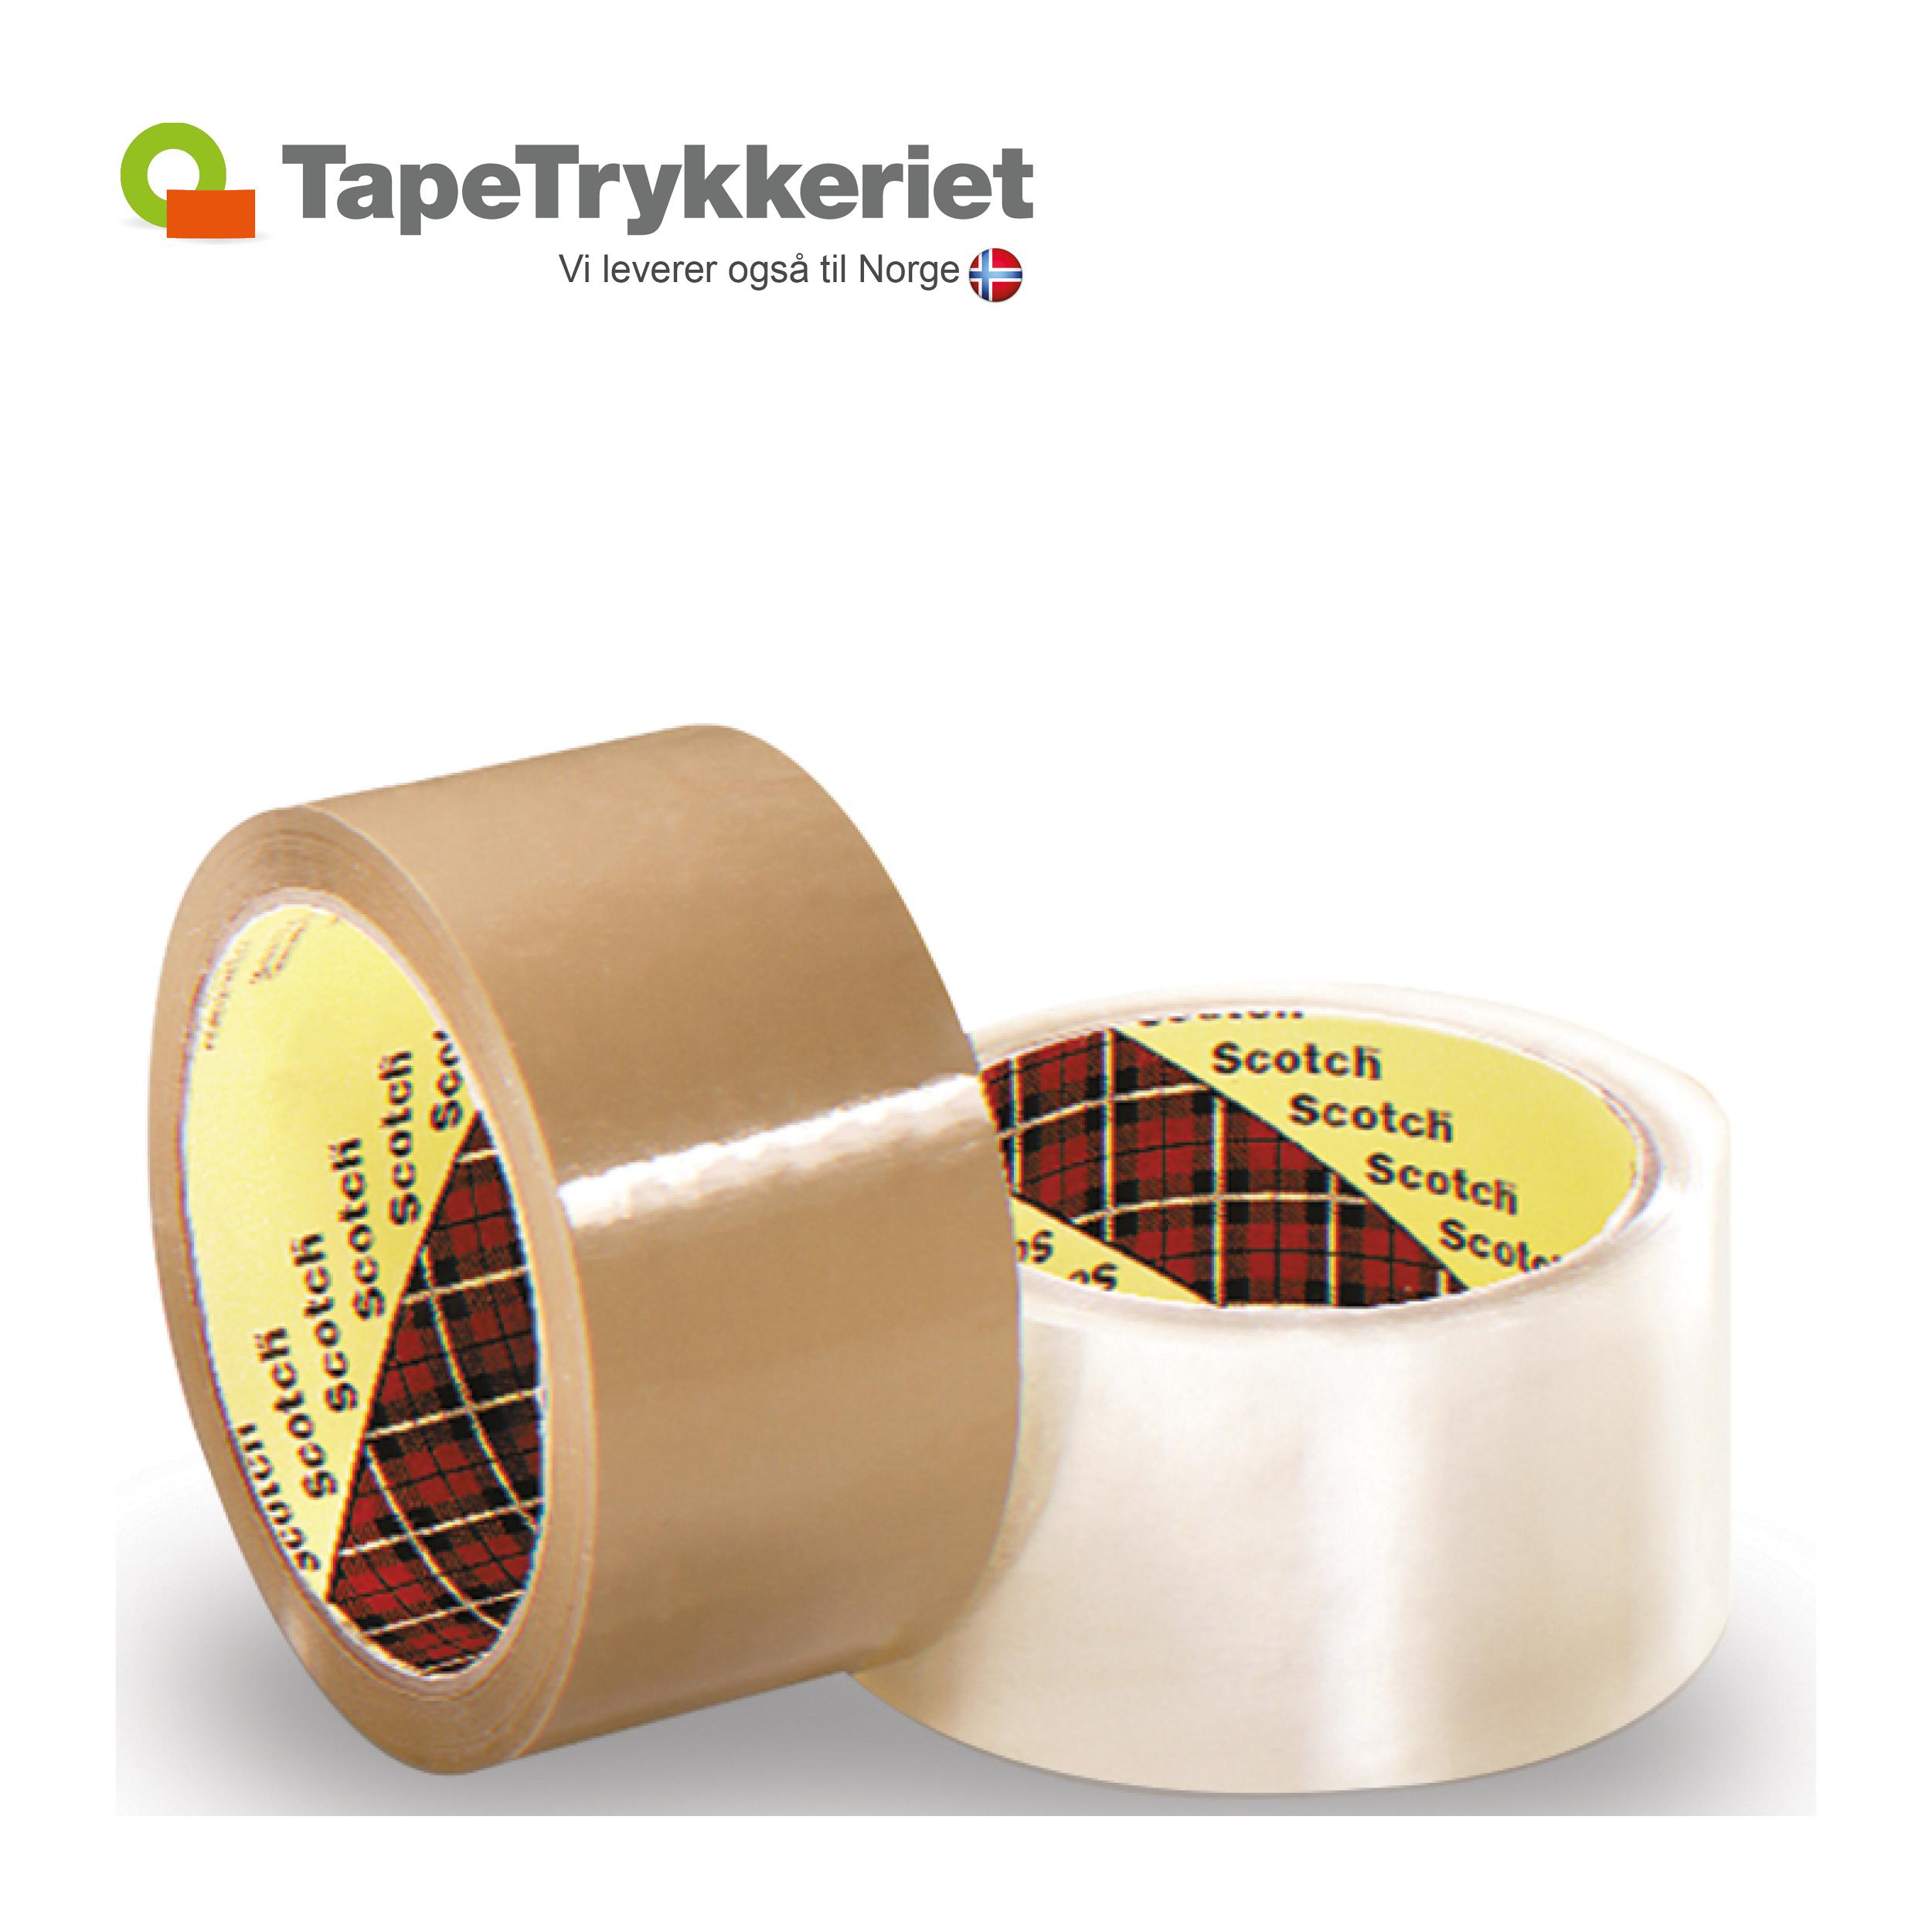 3M tape med logotryk. TapeTrykkeriet.dk